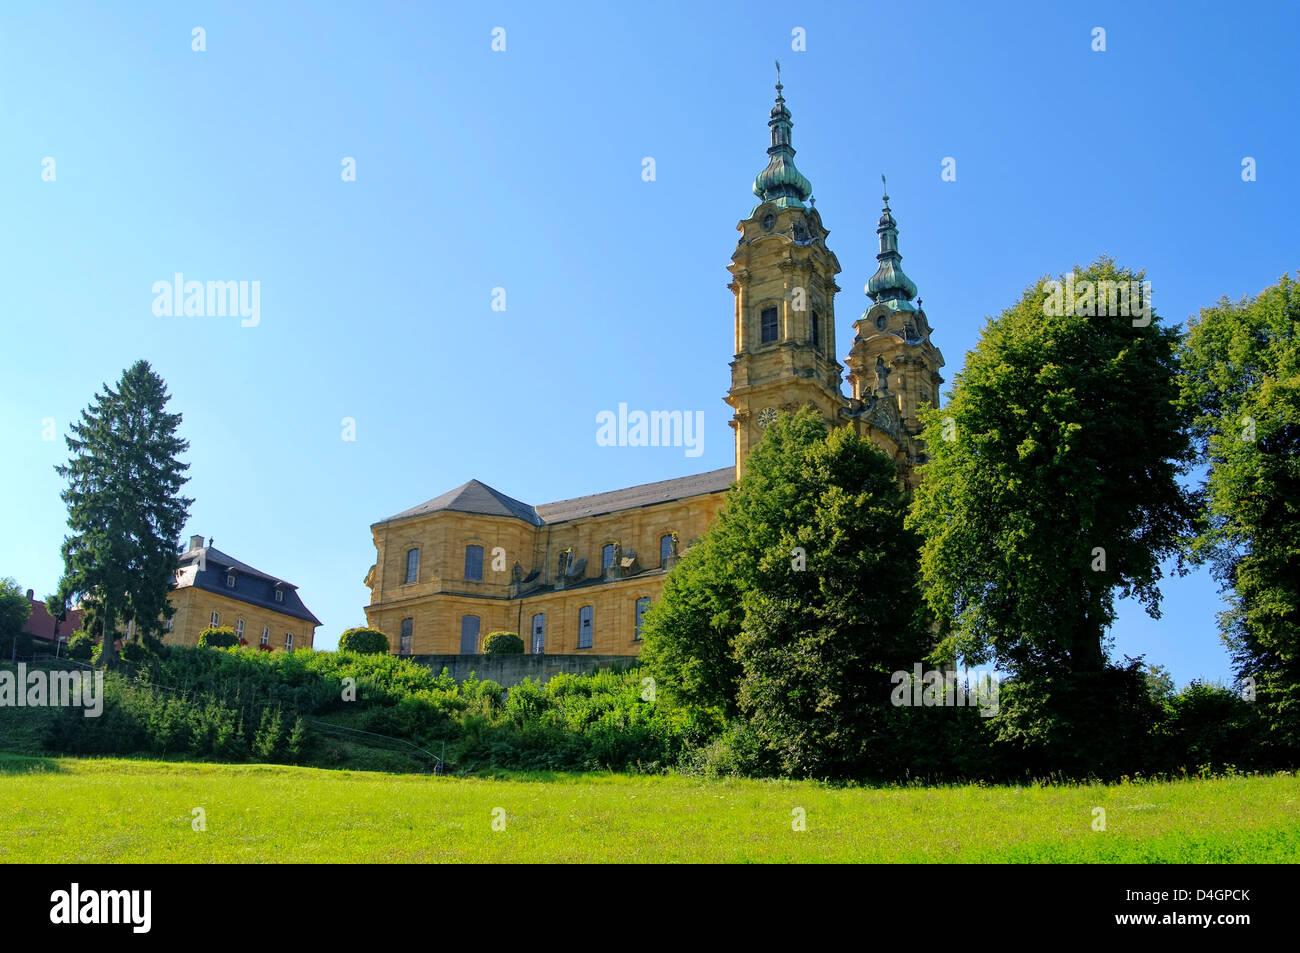 Basilika Vierzehnheiligen - Basílica de los catorce Ayudantes Santo 05 Imagen De Stock